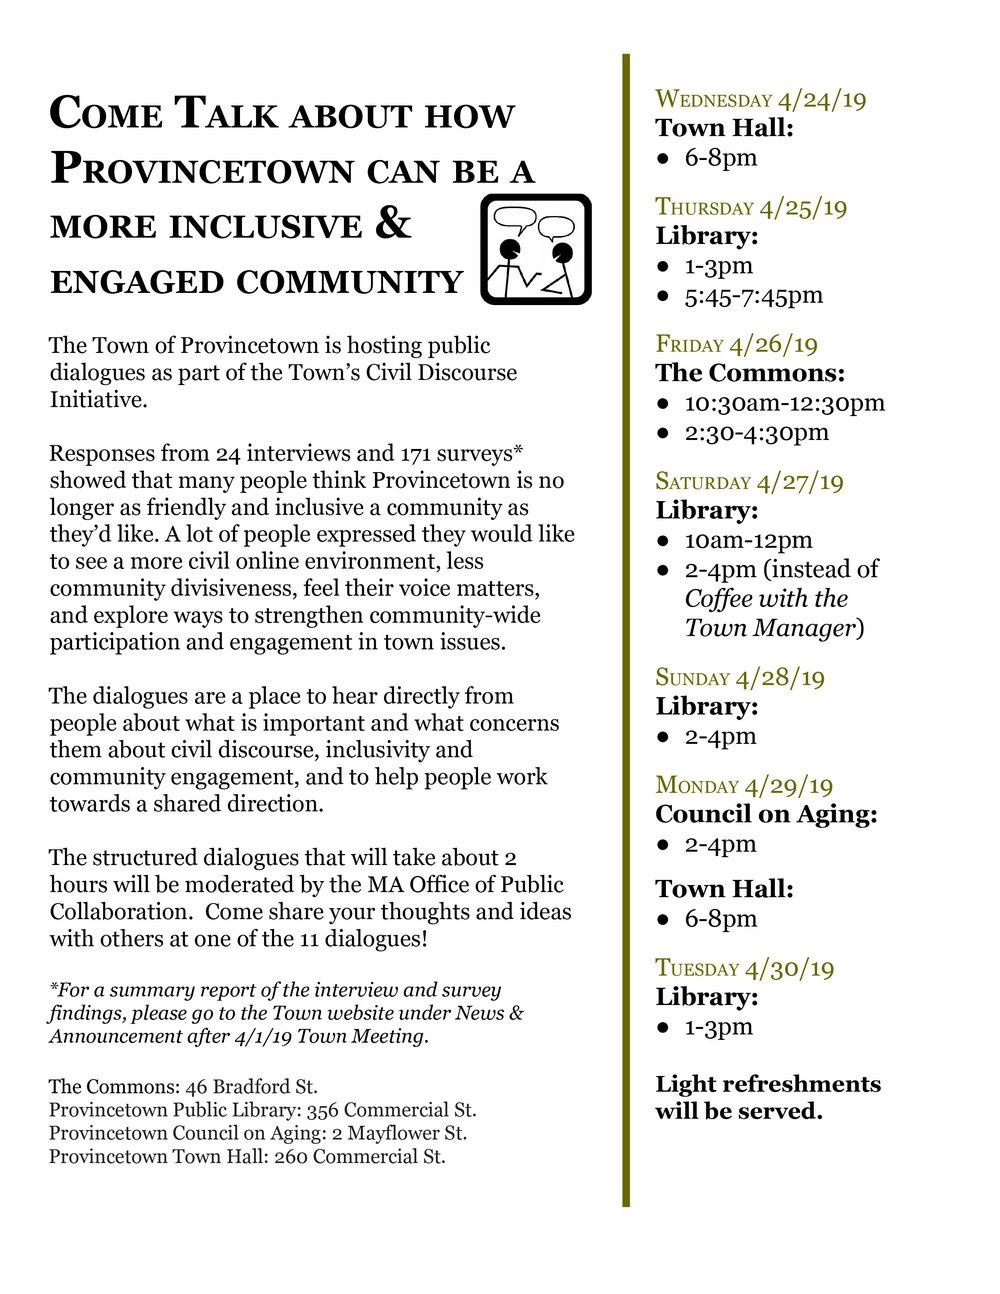 Provincetown Civil Discourse Dialogues.Flyer.jpg